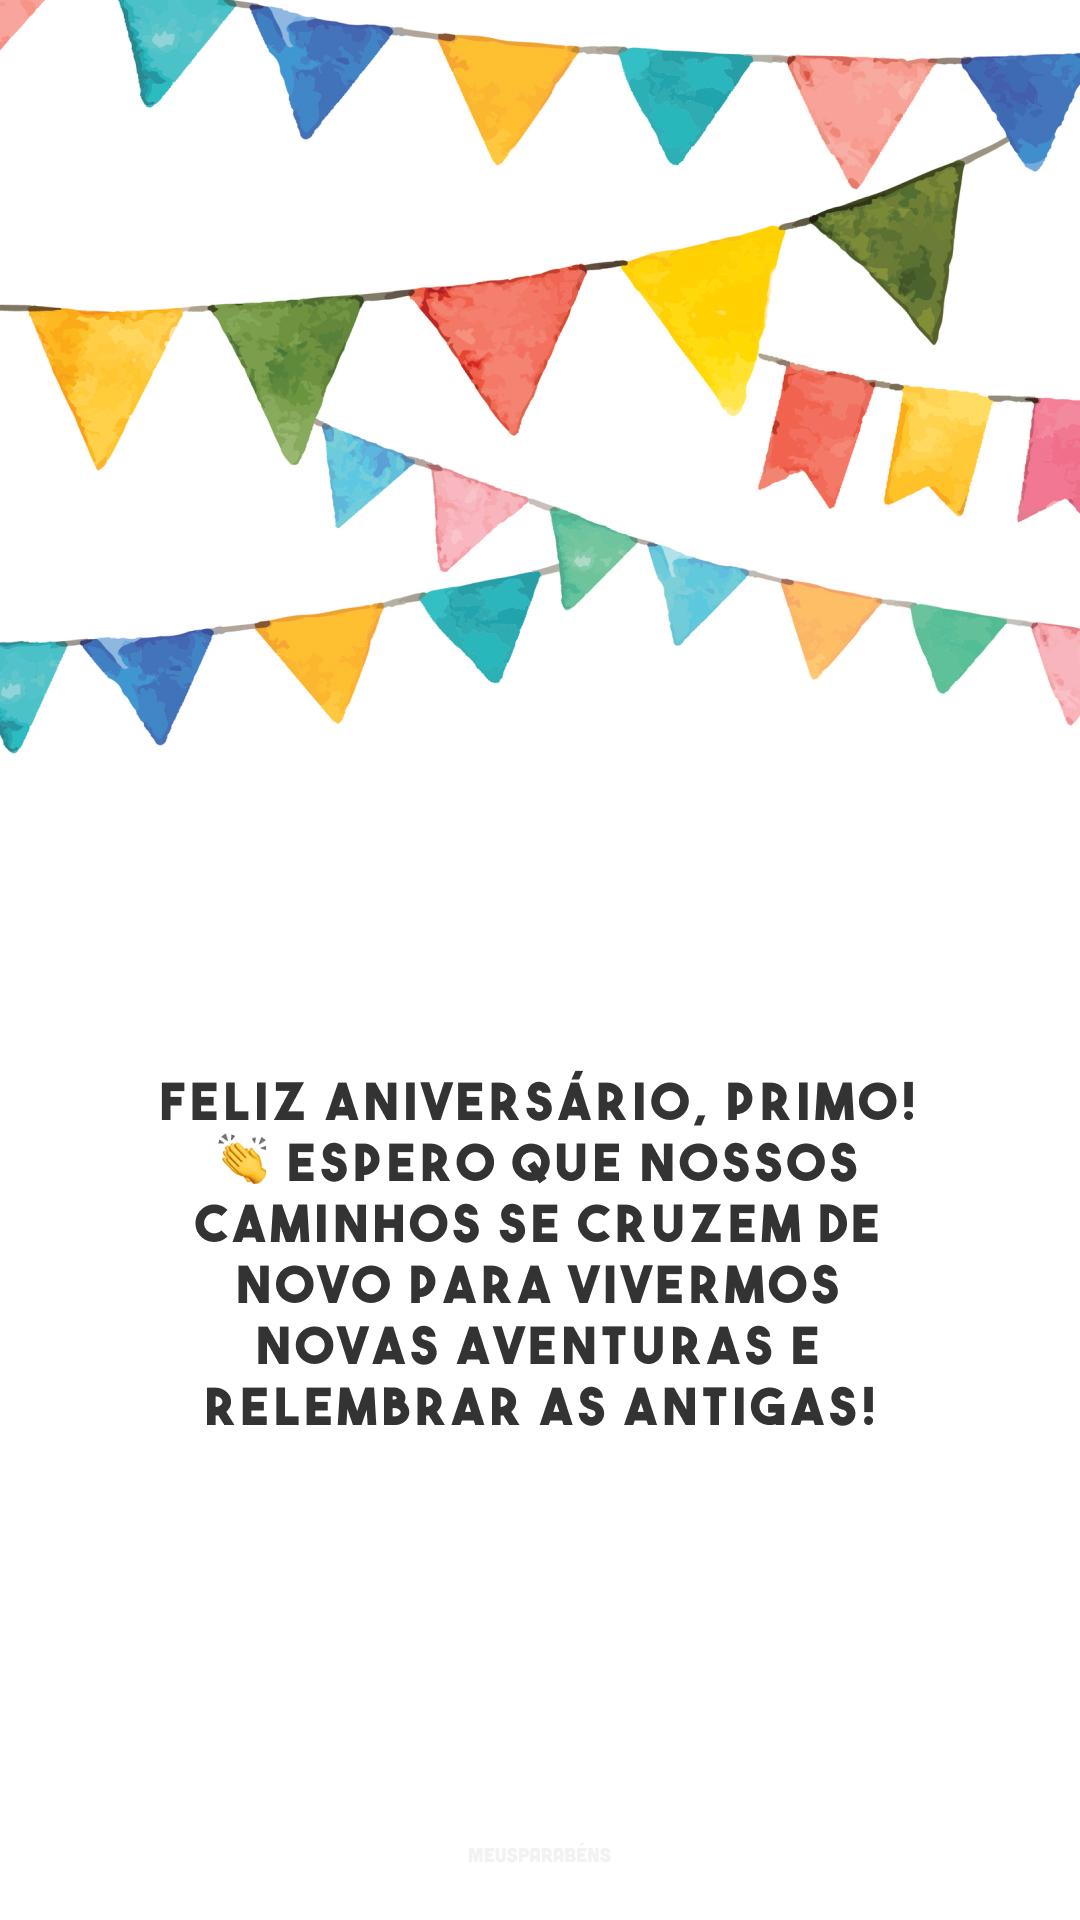 Feliz aniversário, primo! 👏 Espero que nossos caminhos se cruzem de novo para vivermos novas aventuras e relembrar as antigas!